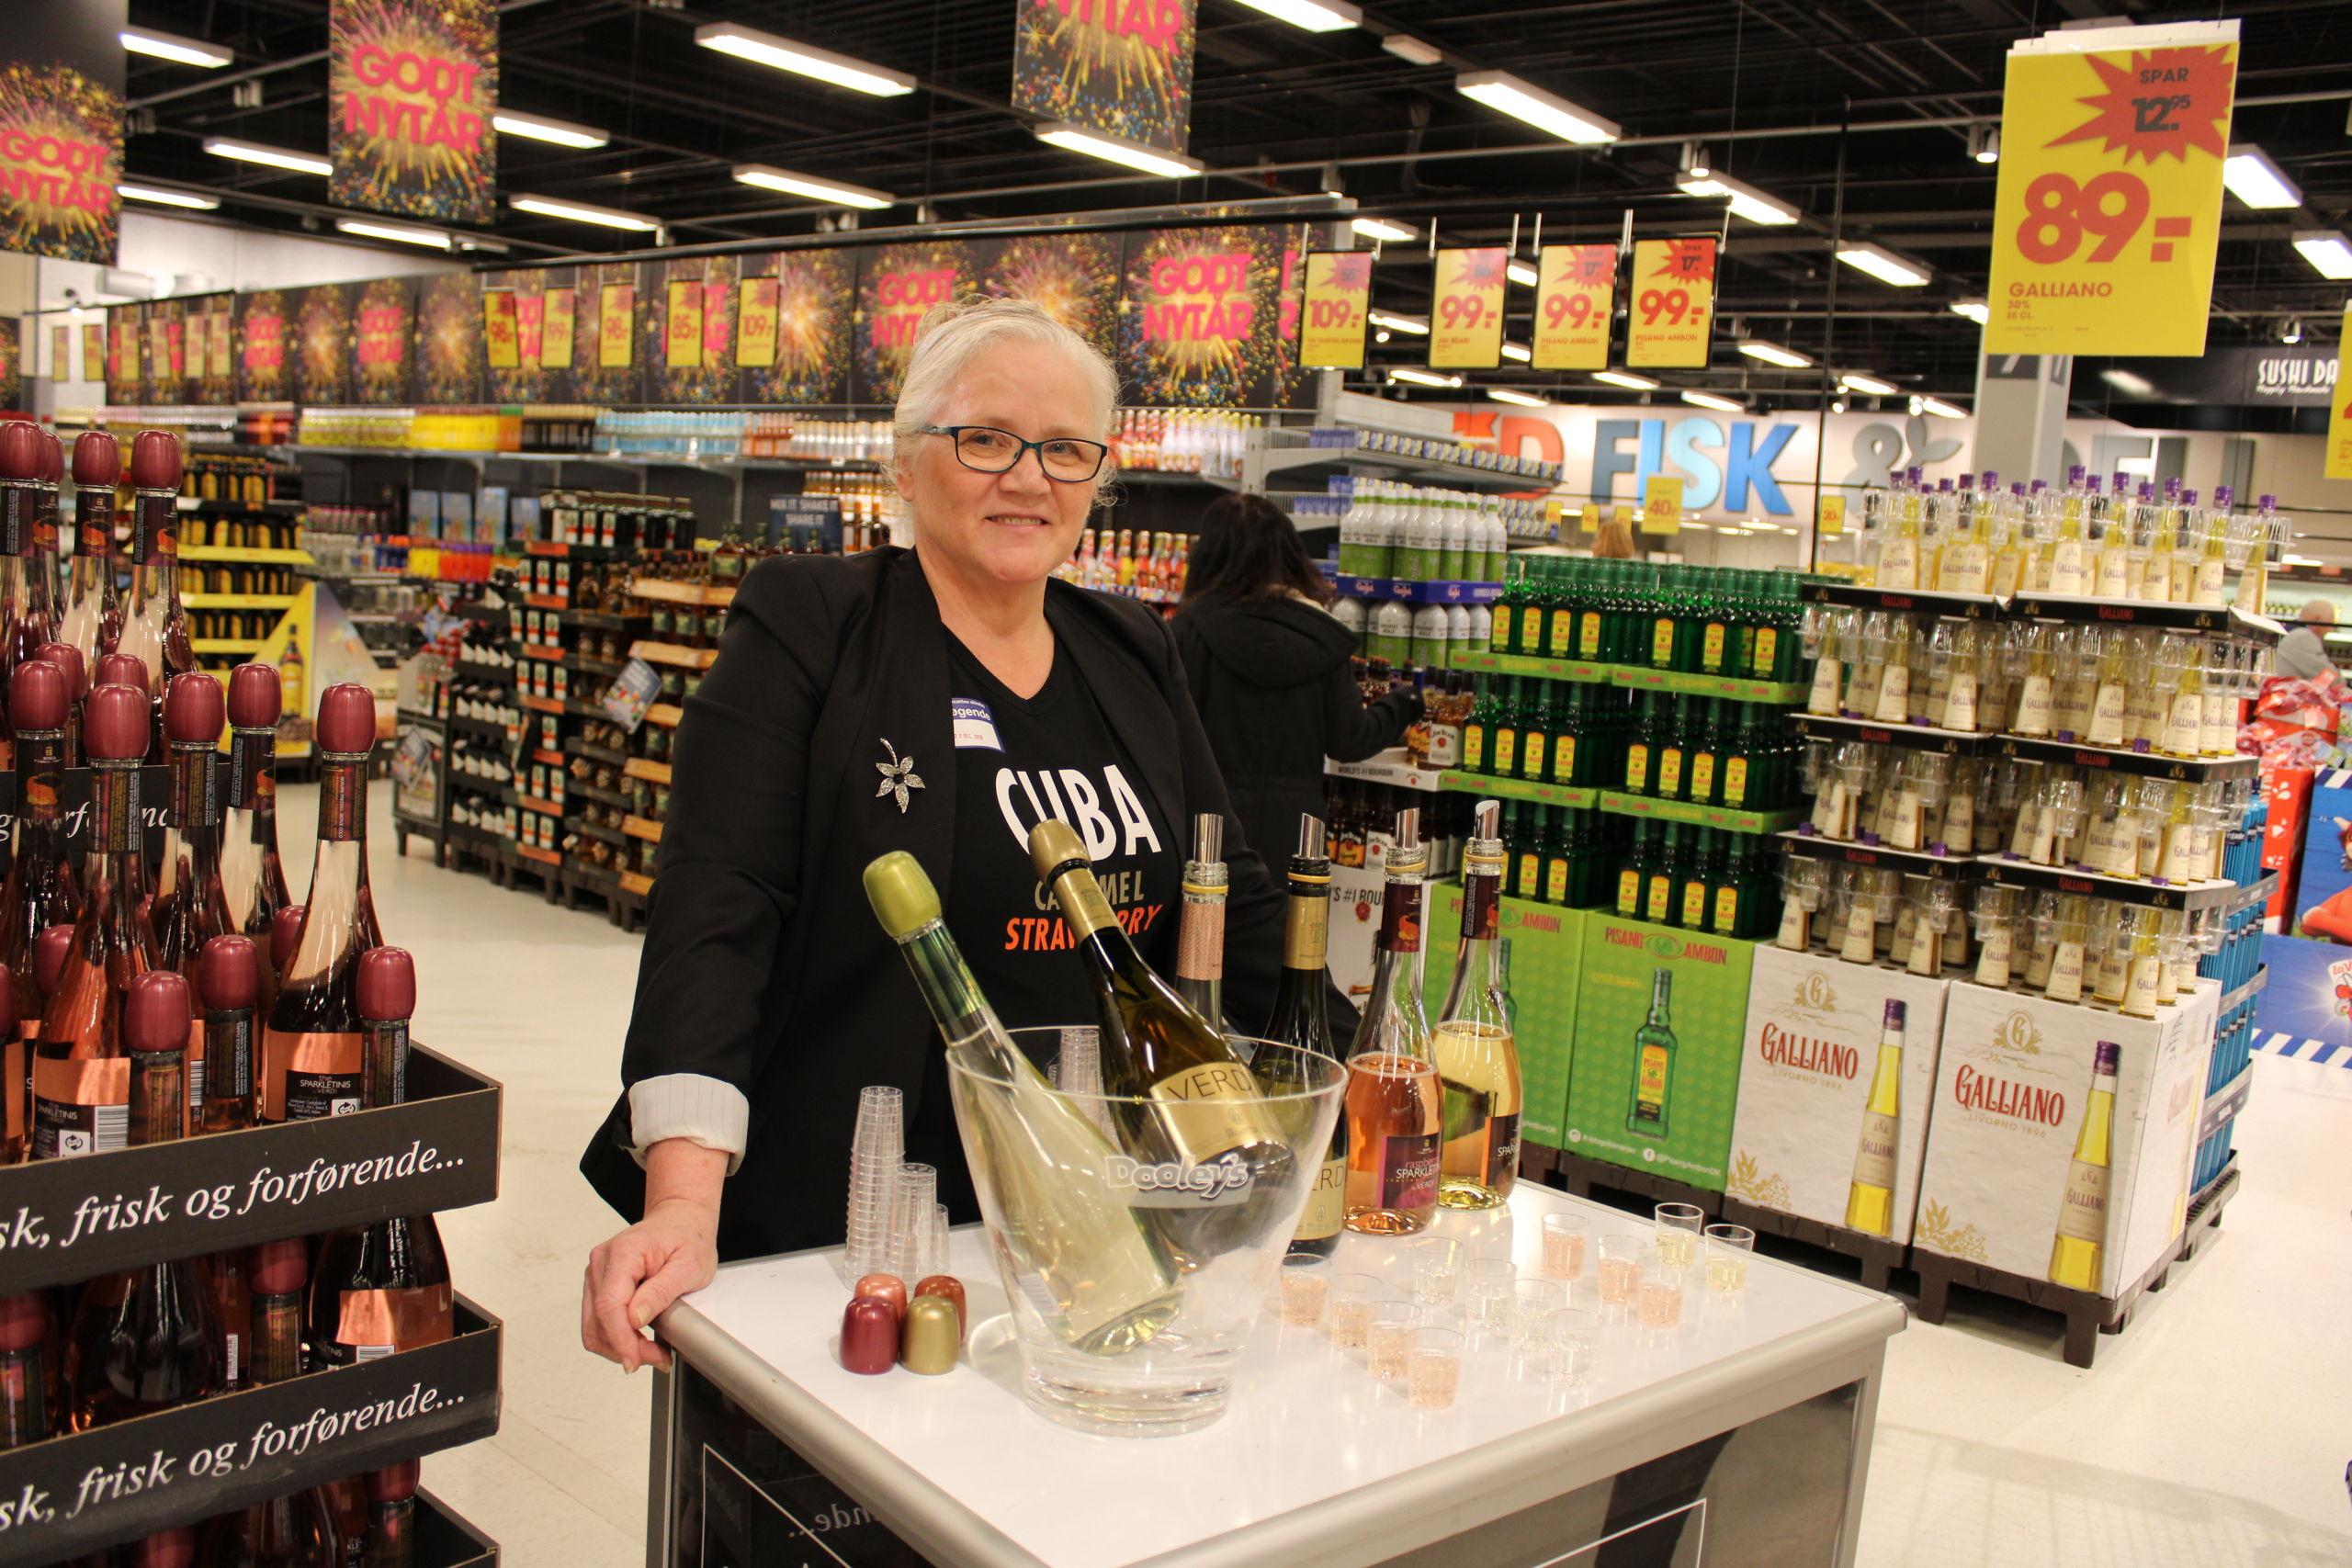 Connei Eriksen uddeler smagsprøver af de våde varer til nytåret. Foto: Pauline Vink